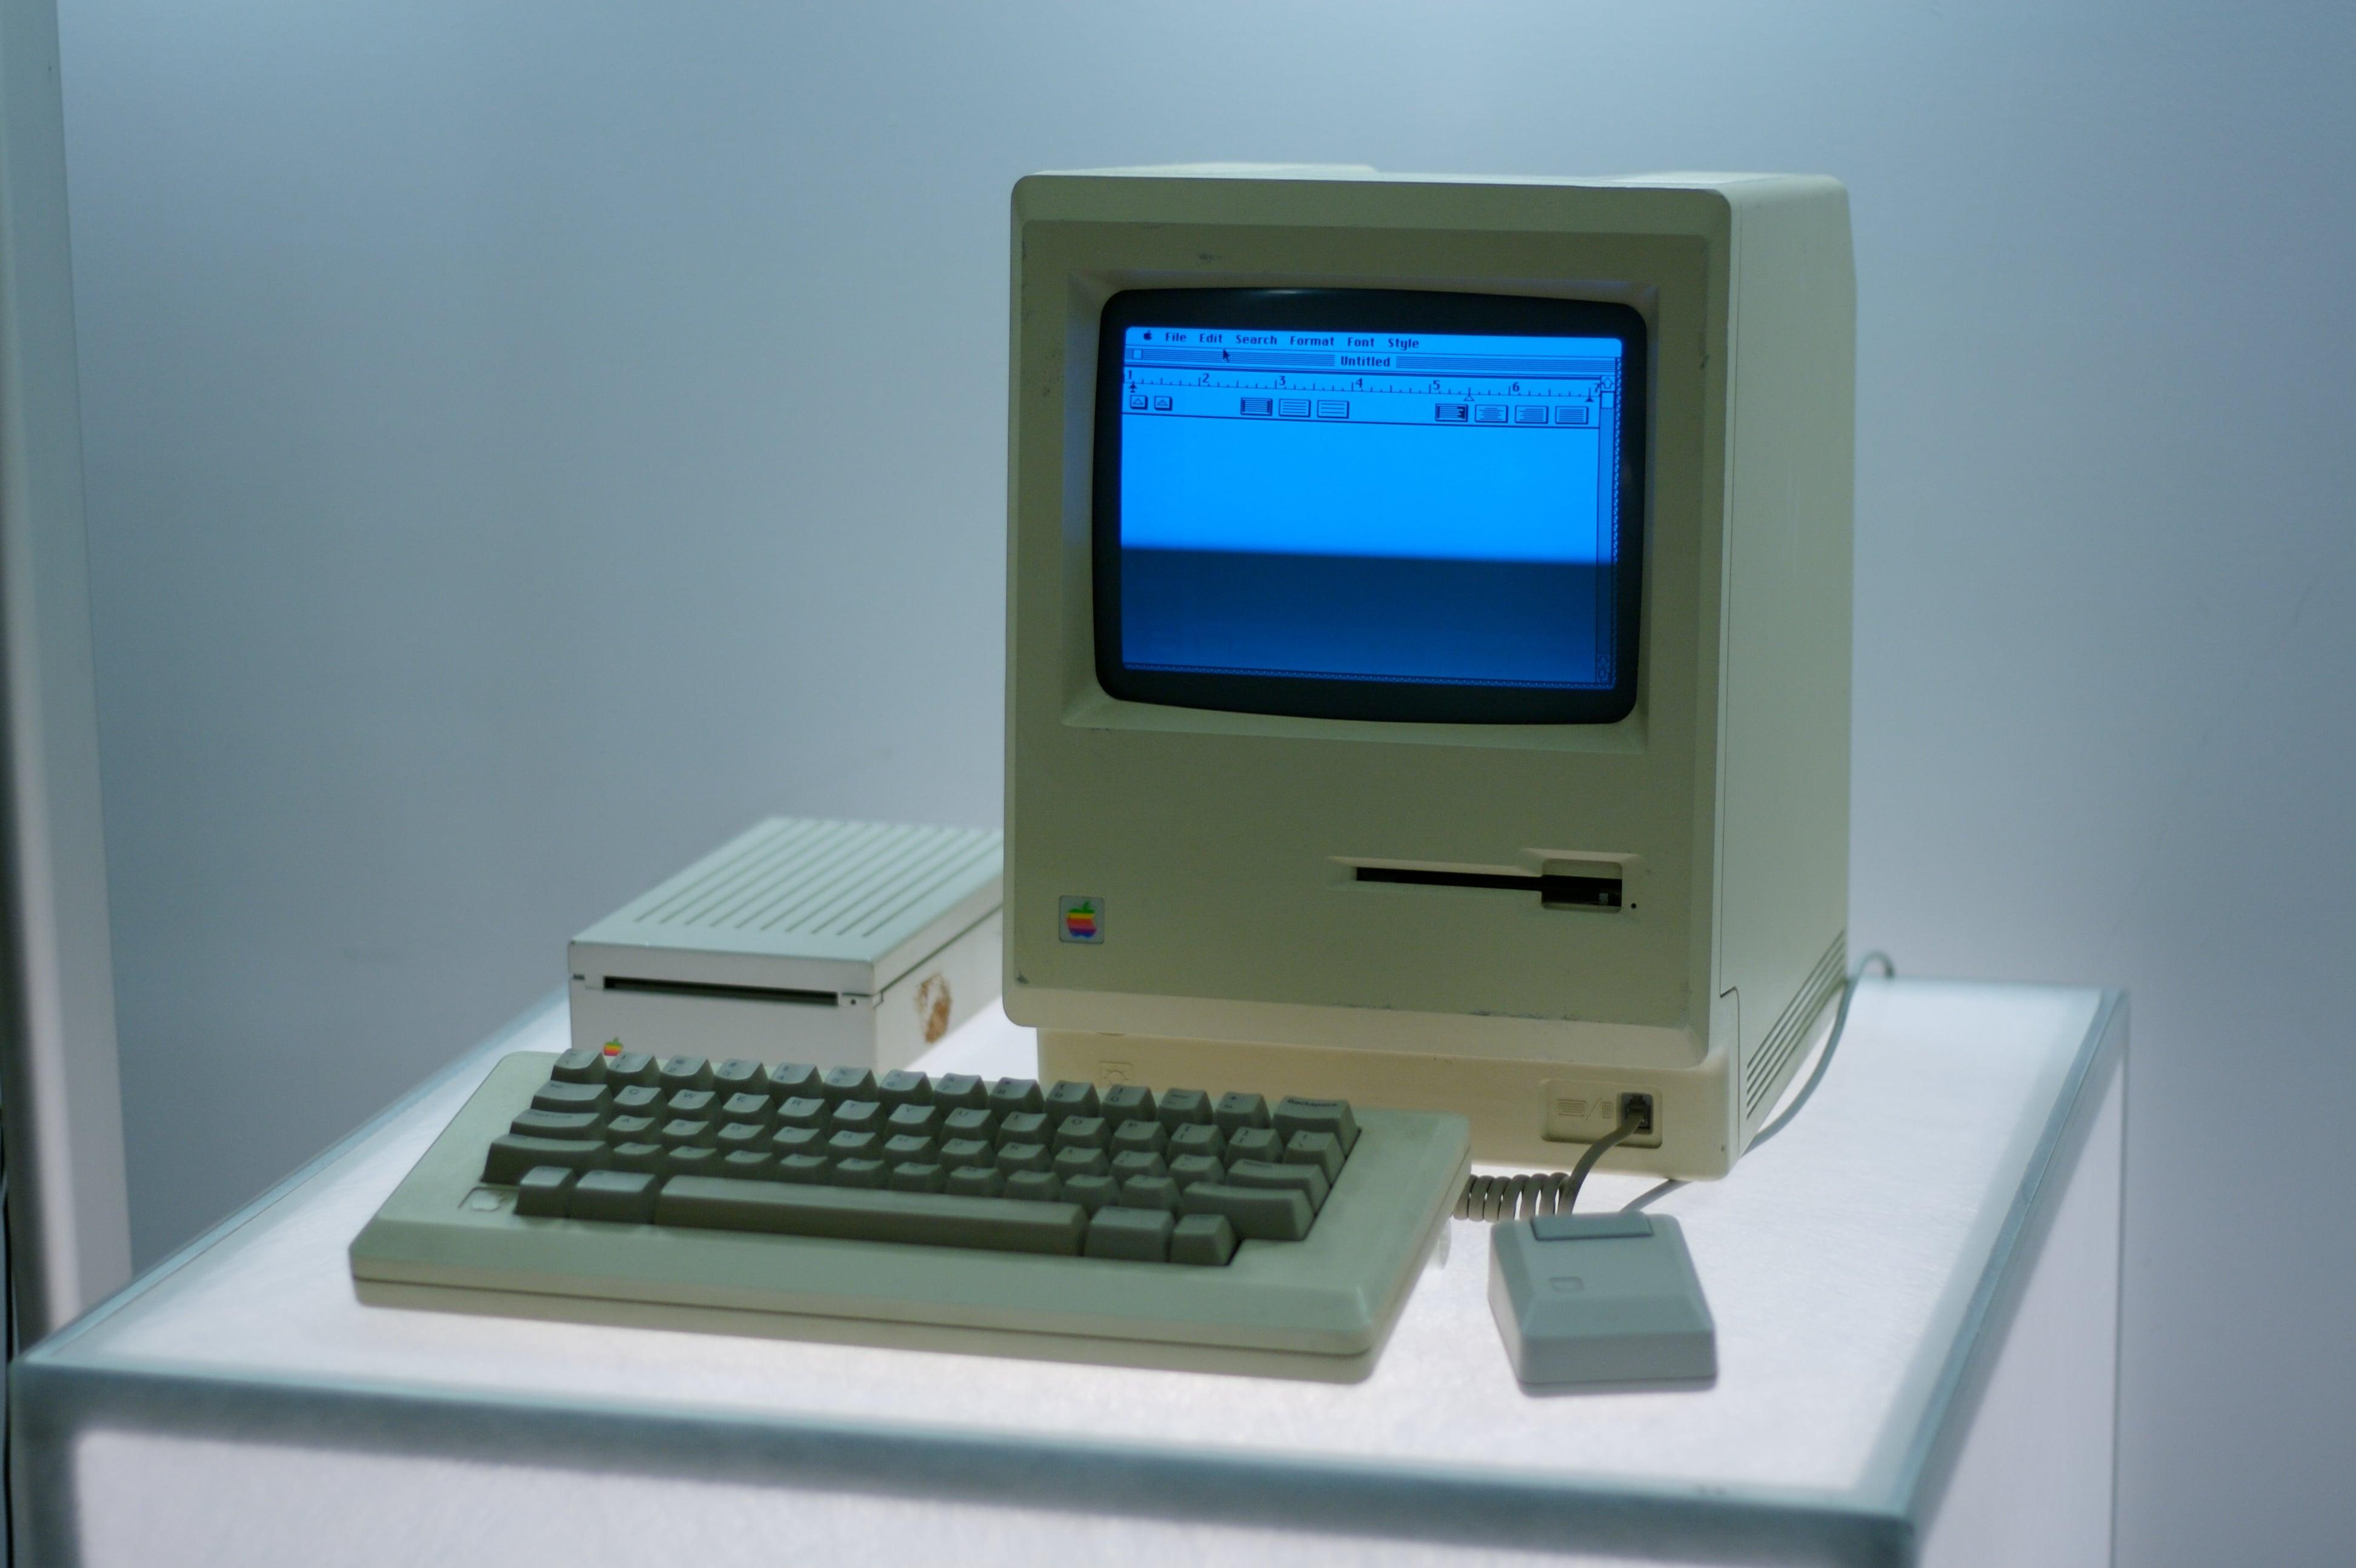 Sto lat Macintoshu! Król desktopów obchodzi 34. urodziny 23